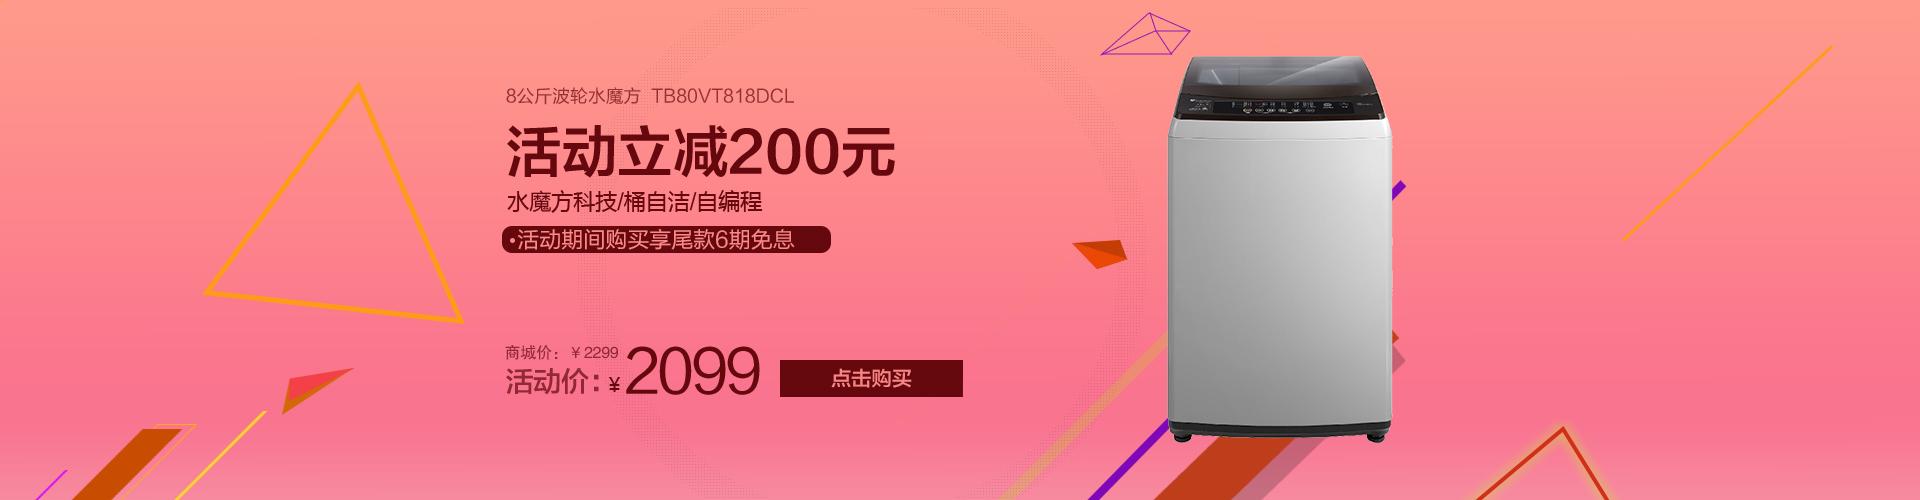 8公斤智能波轮洗衣机 TB80VT818DCL